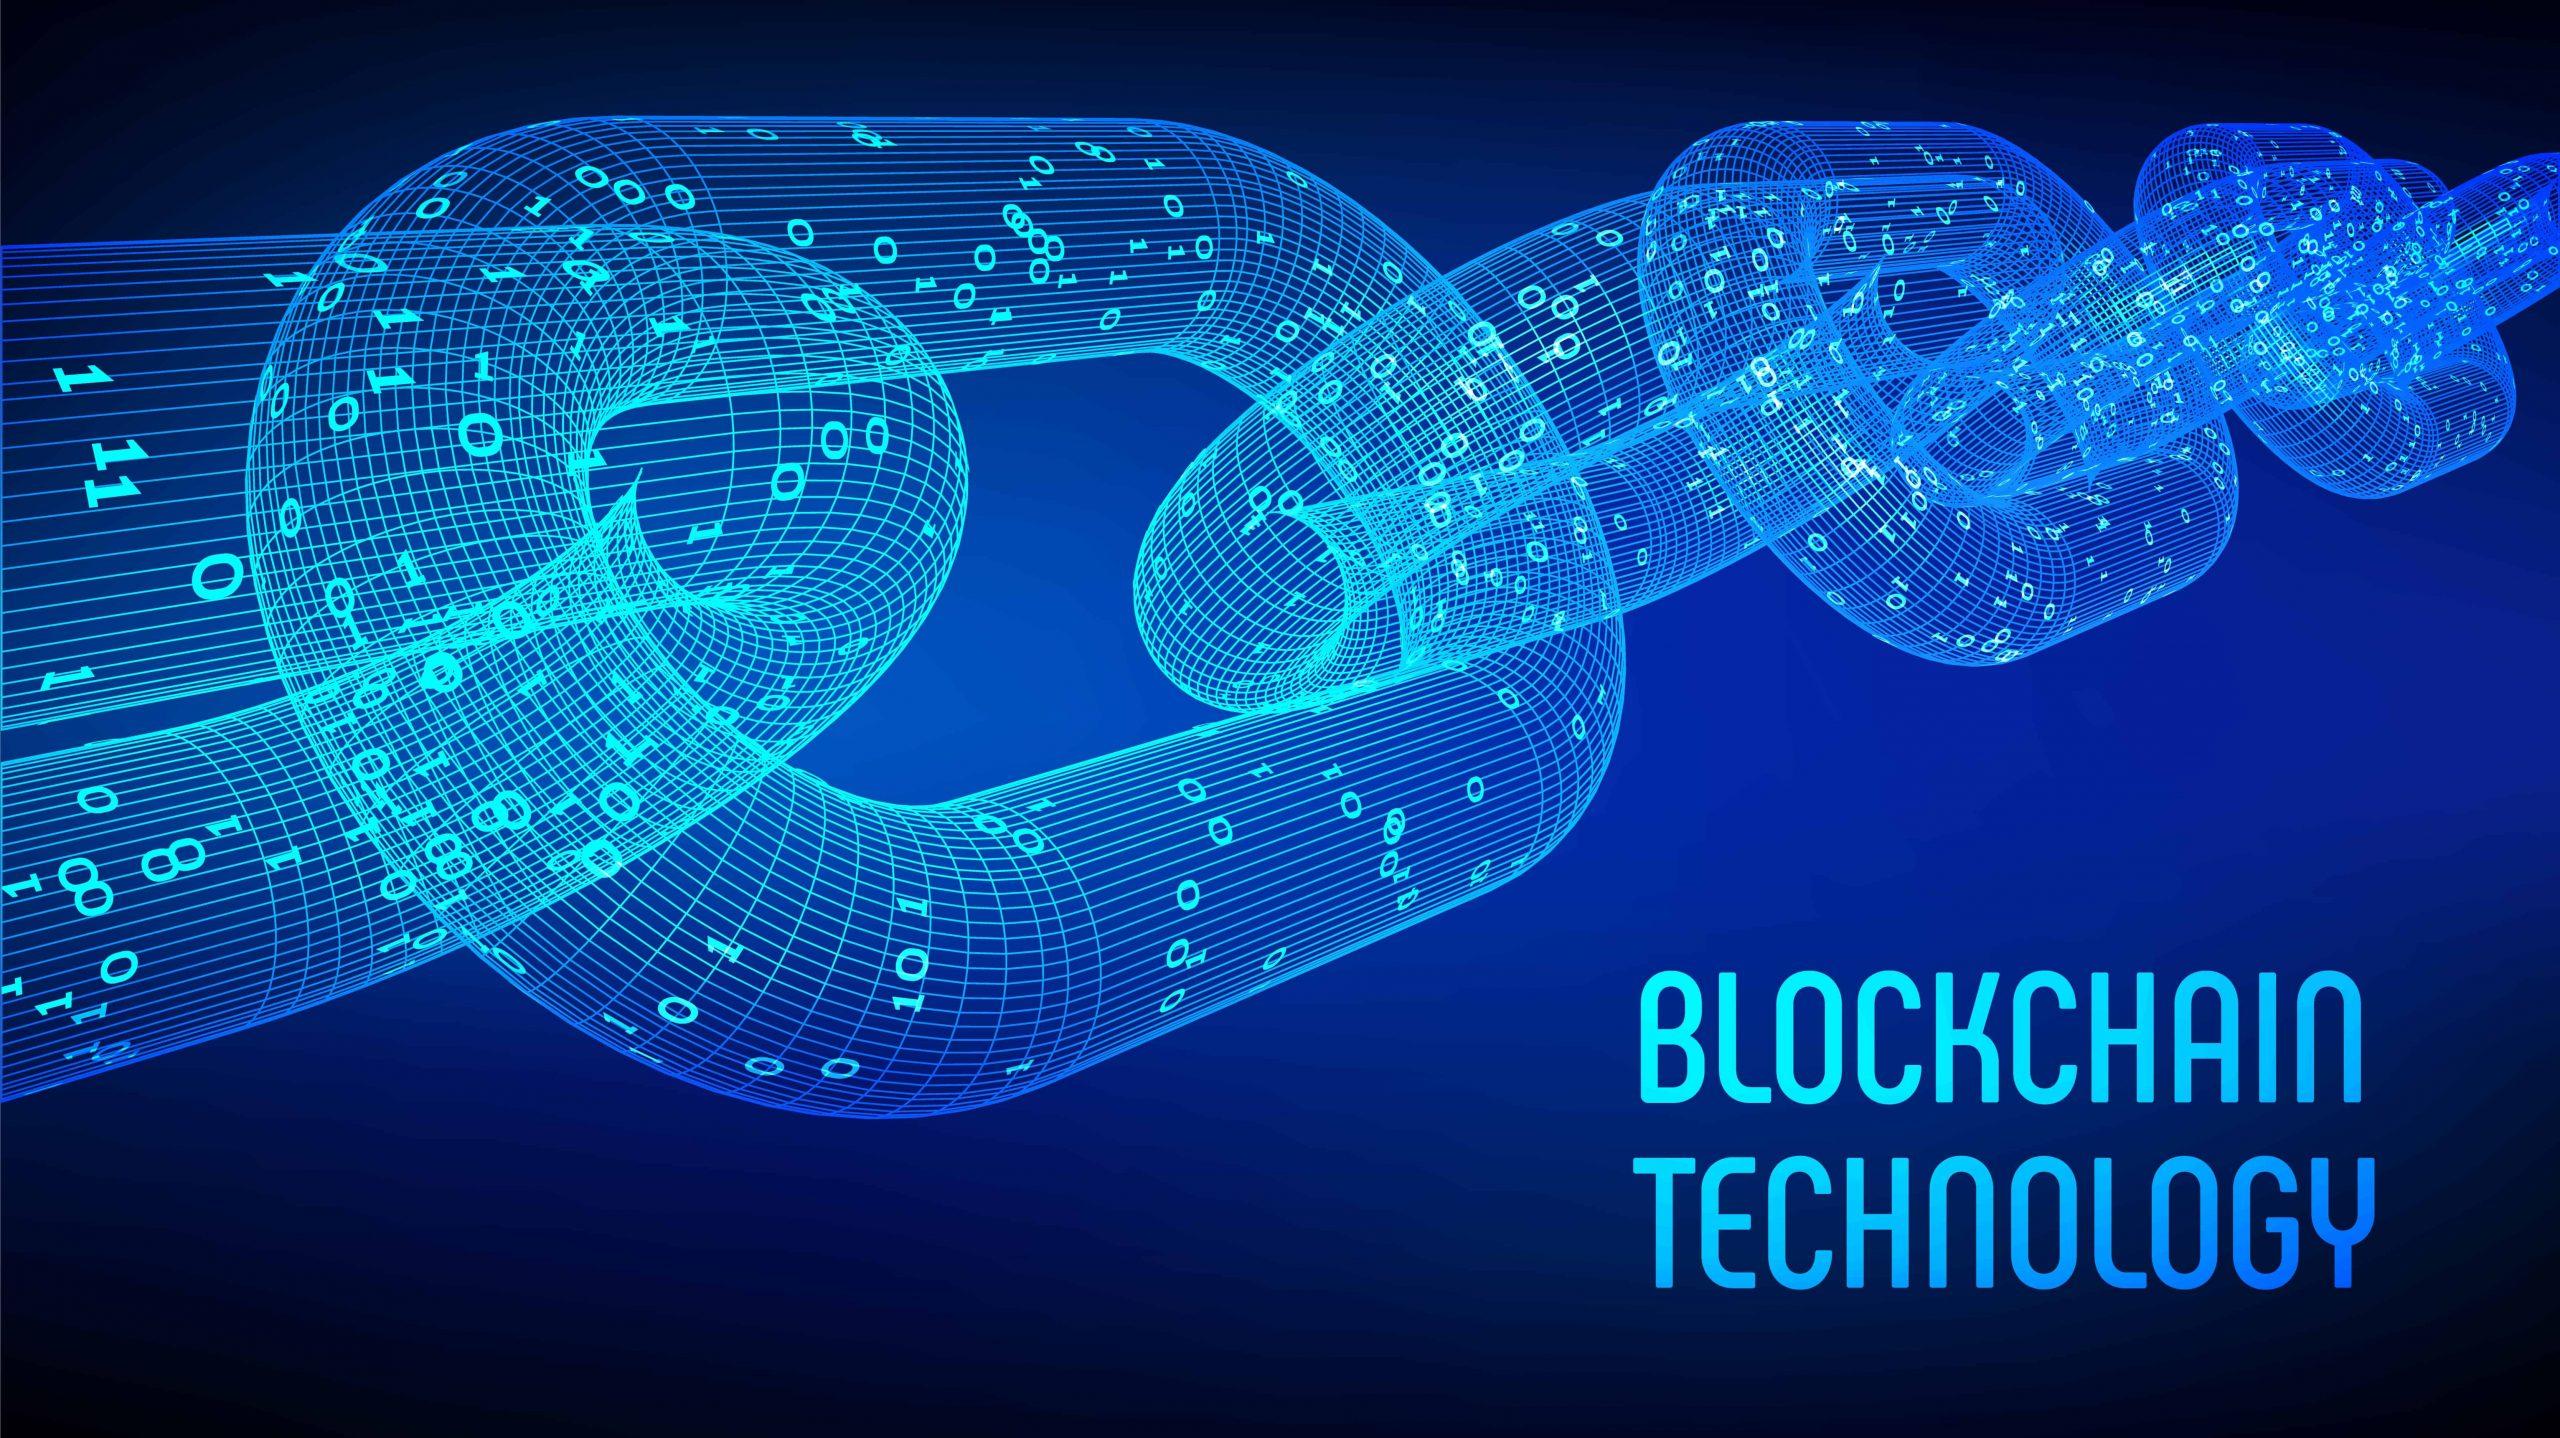 La blockchain llega a los negocios de España